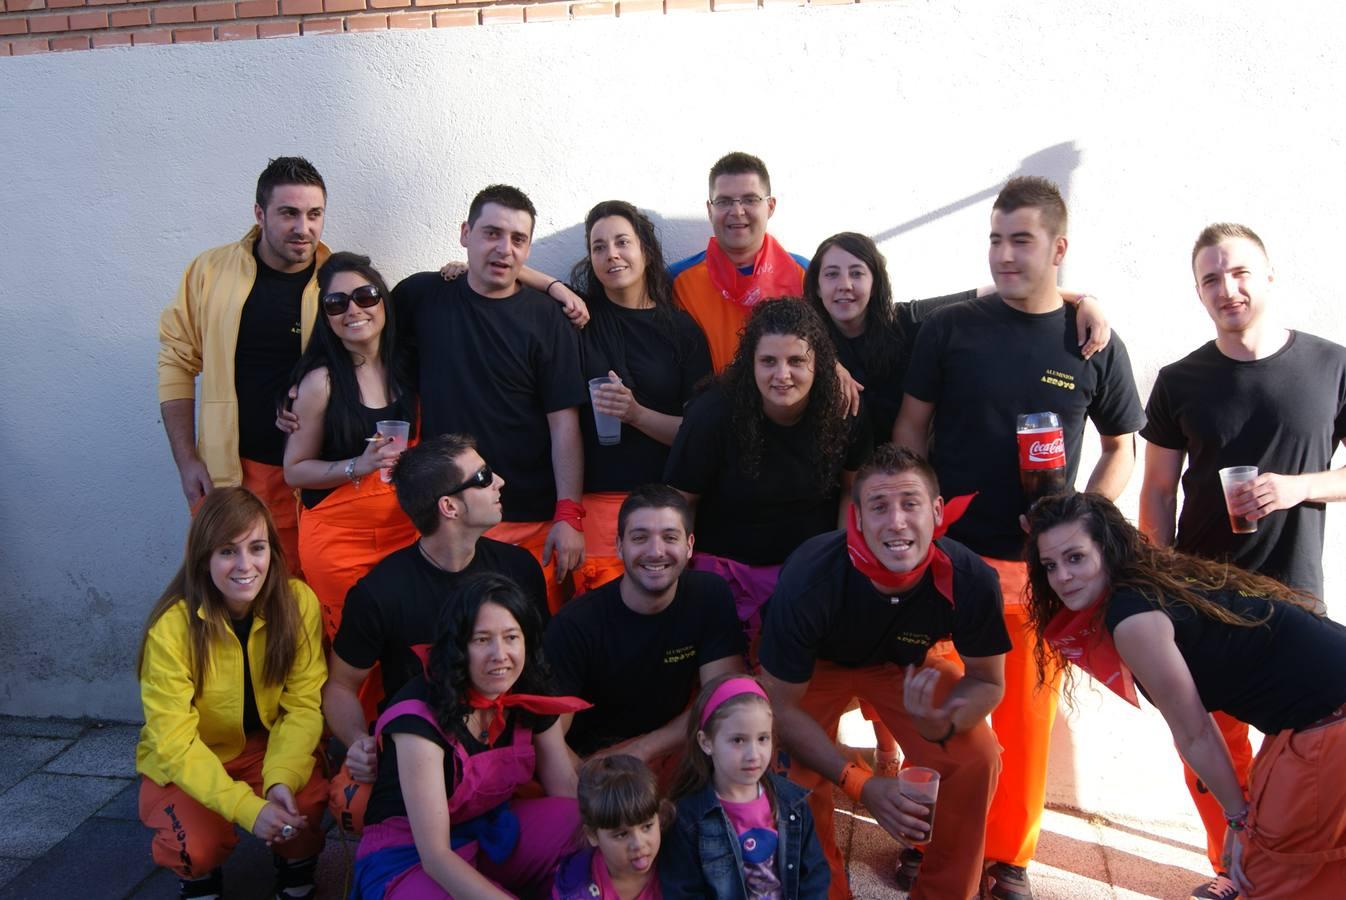 Pregón y desfile de peñas en las fiestas de Arroyo de la Encomienda. Valladolid